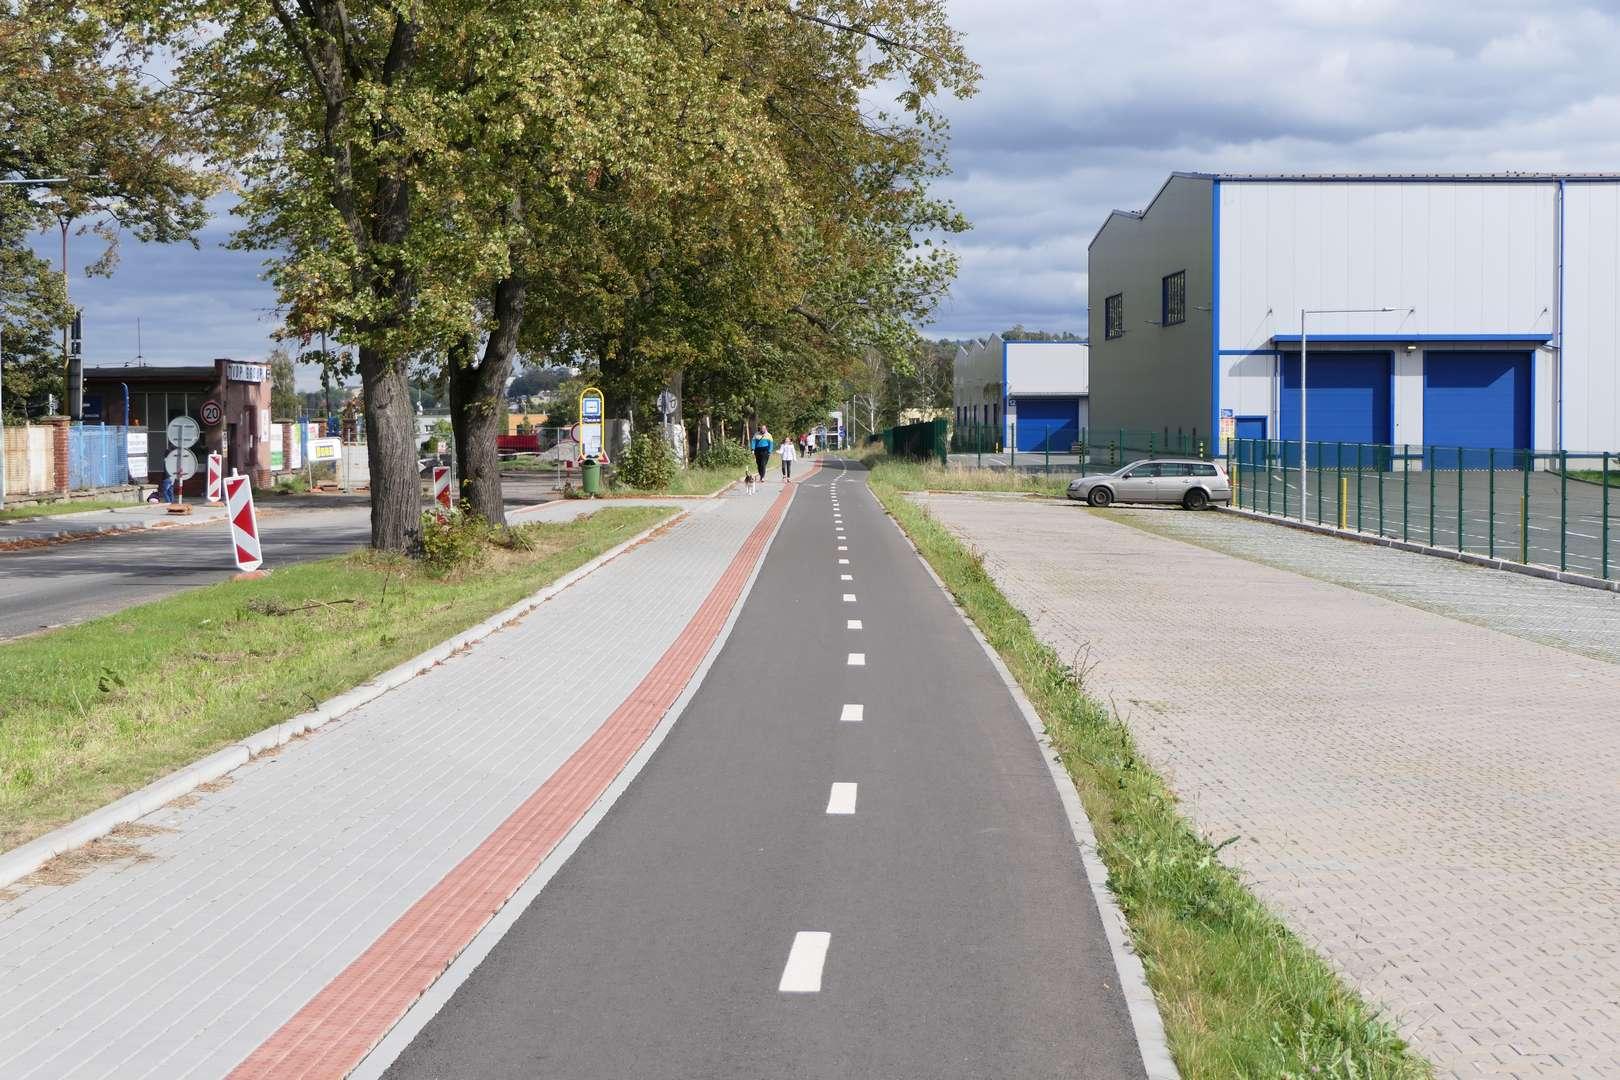 Asfaltowa, dwukierunkowa droga rowerowa wzdłuż ul. Lipowej w Czeskim Cieszynie. Pomarzyć.